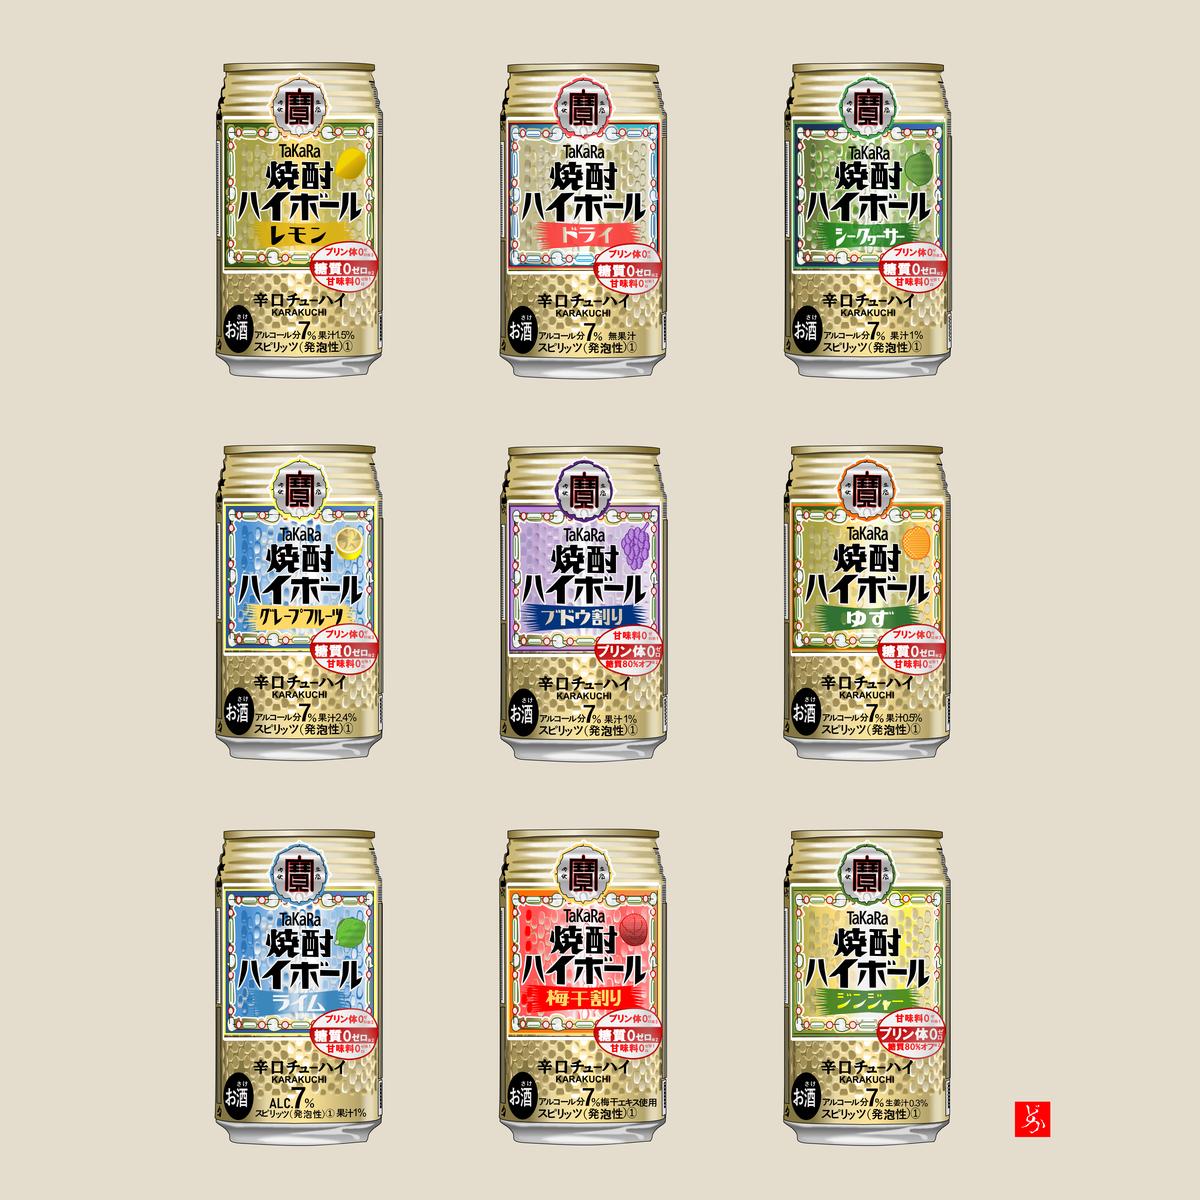 「タカラ焼酎ハイボール」の「キャンベル缶」風エクセル画イラスト